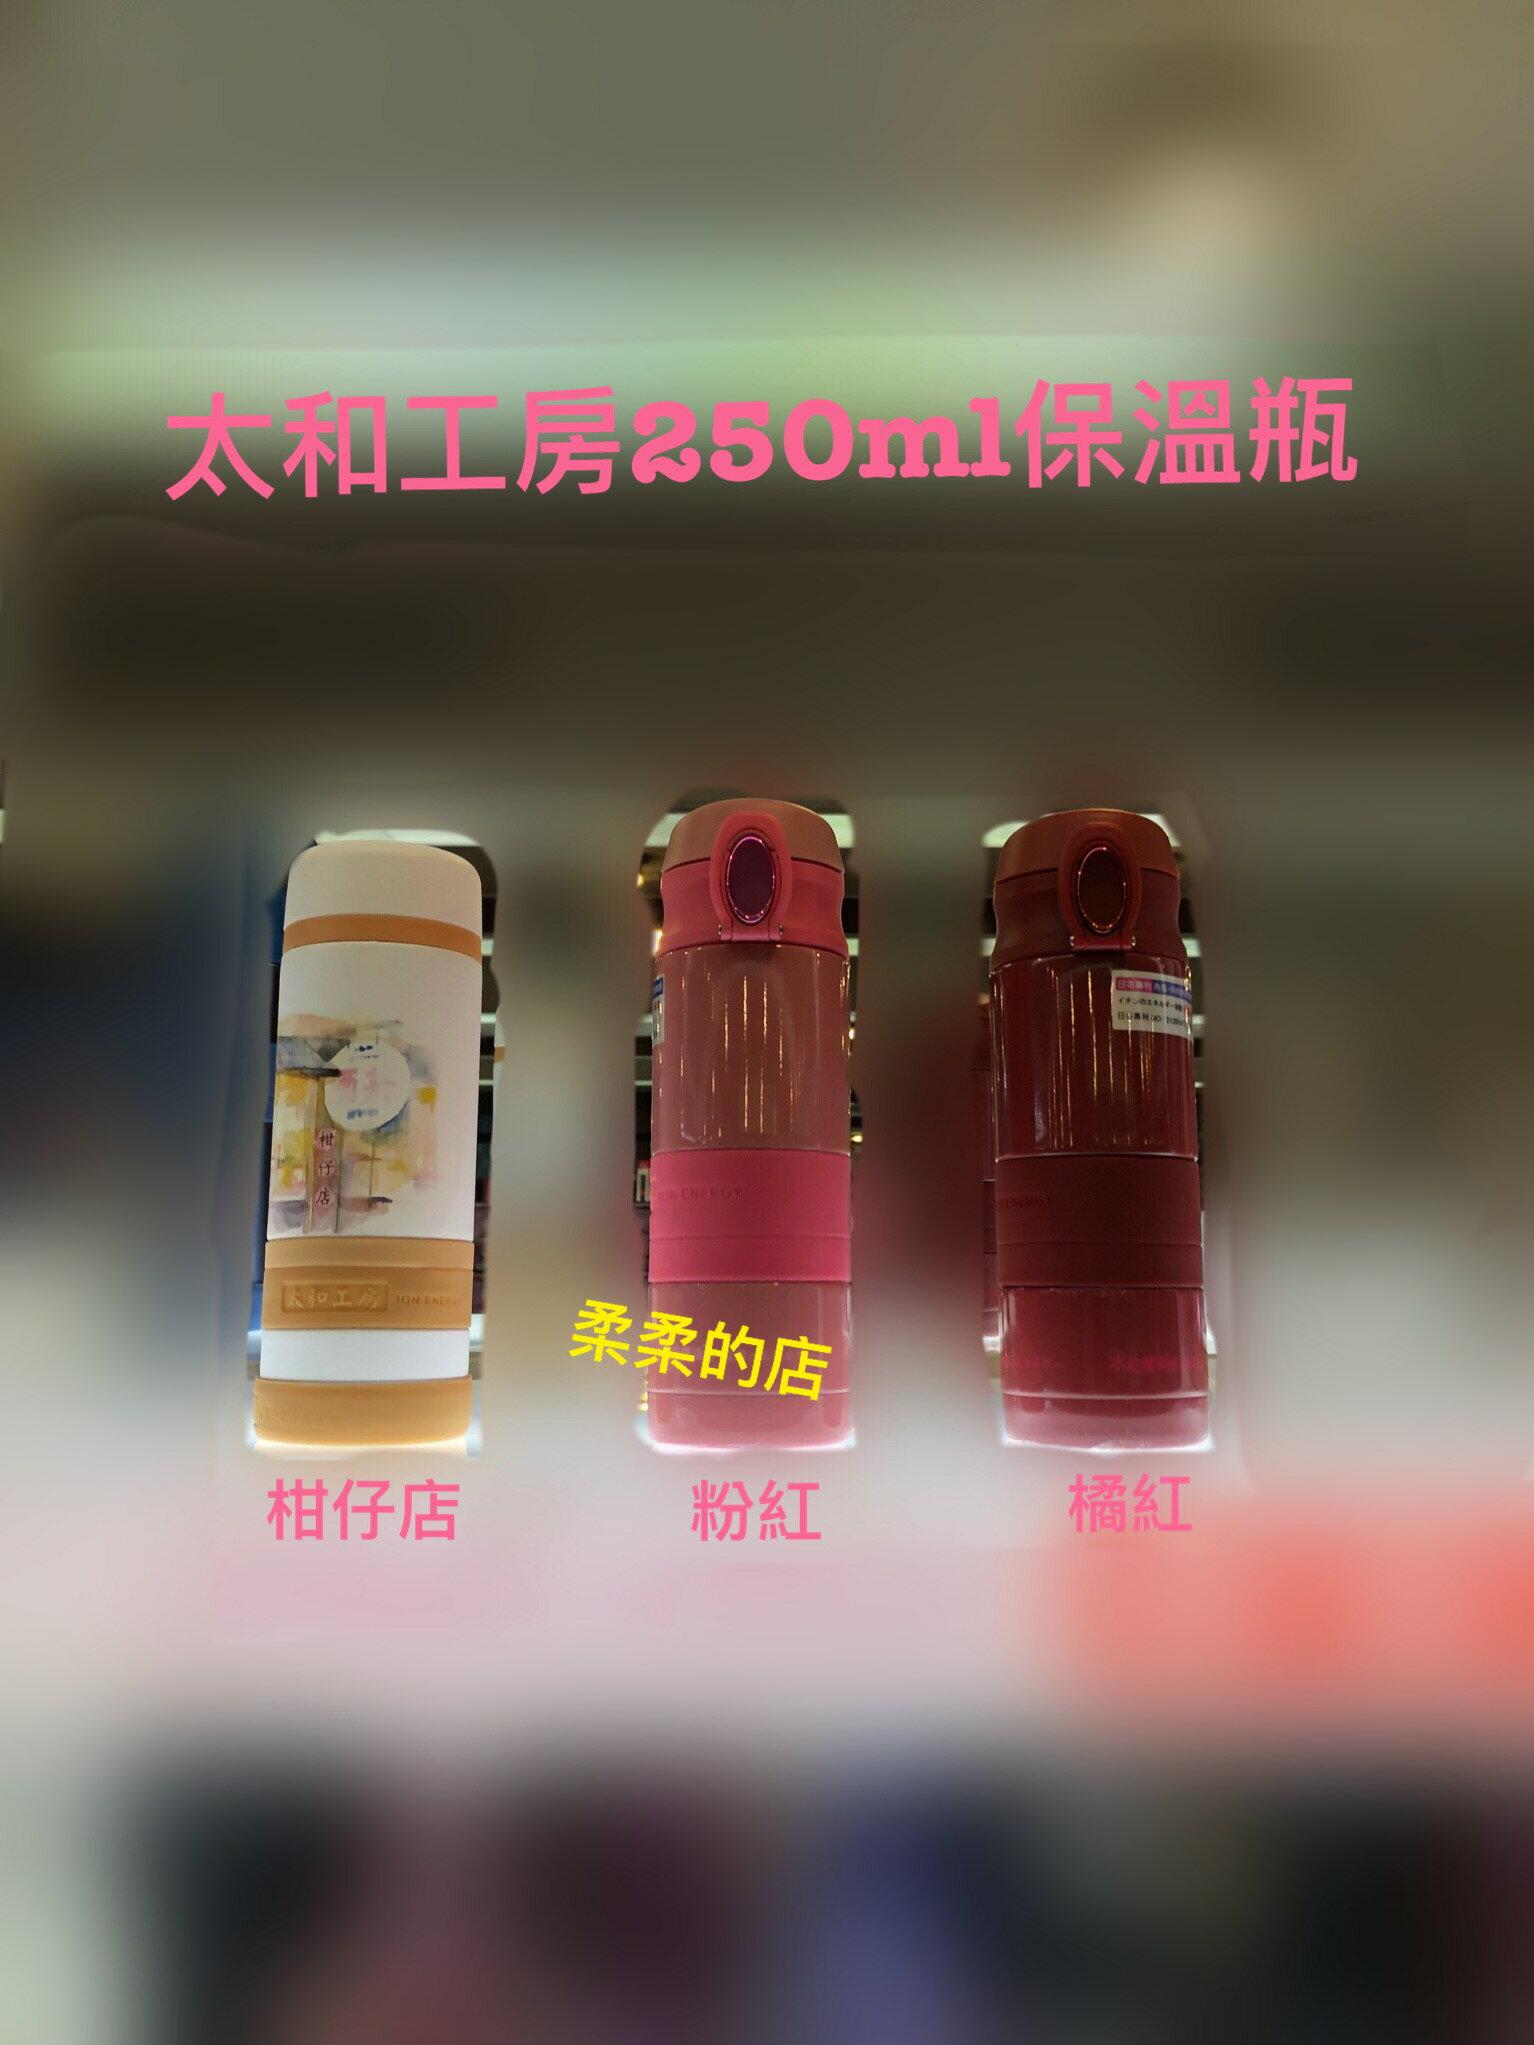 太和工房ST-SBS-250ml負離子保溫瓶[柔柔的店]